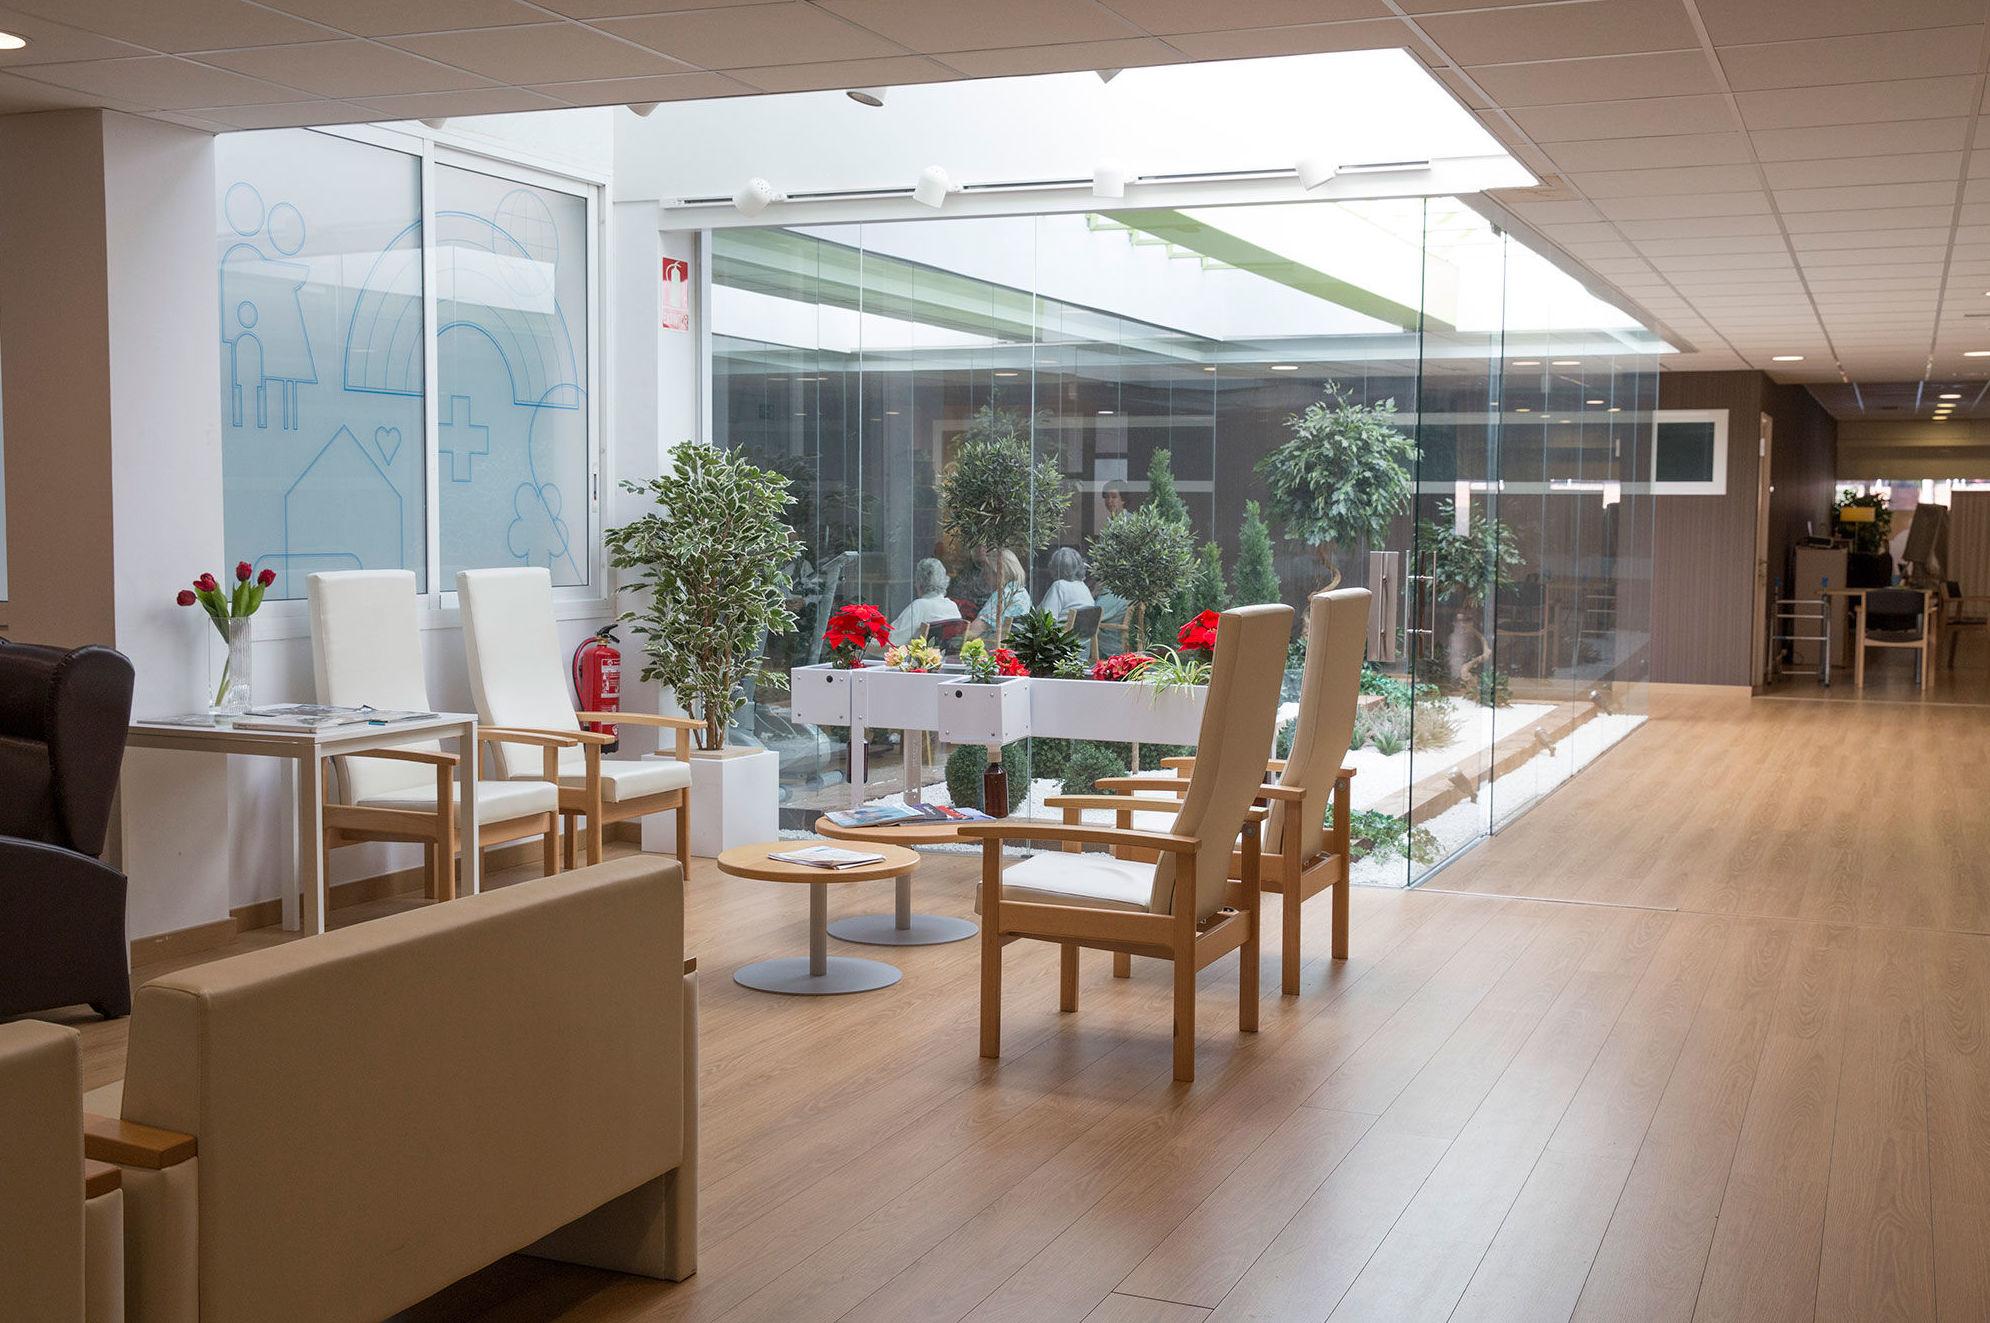 Salón luminoso del Centro de día Sarrià